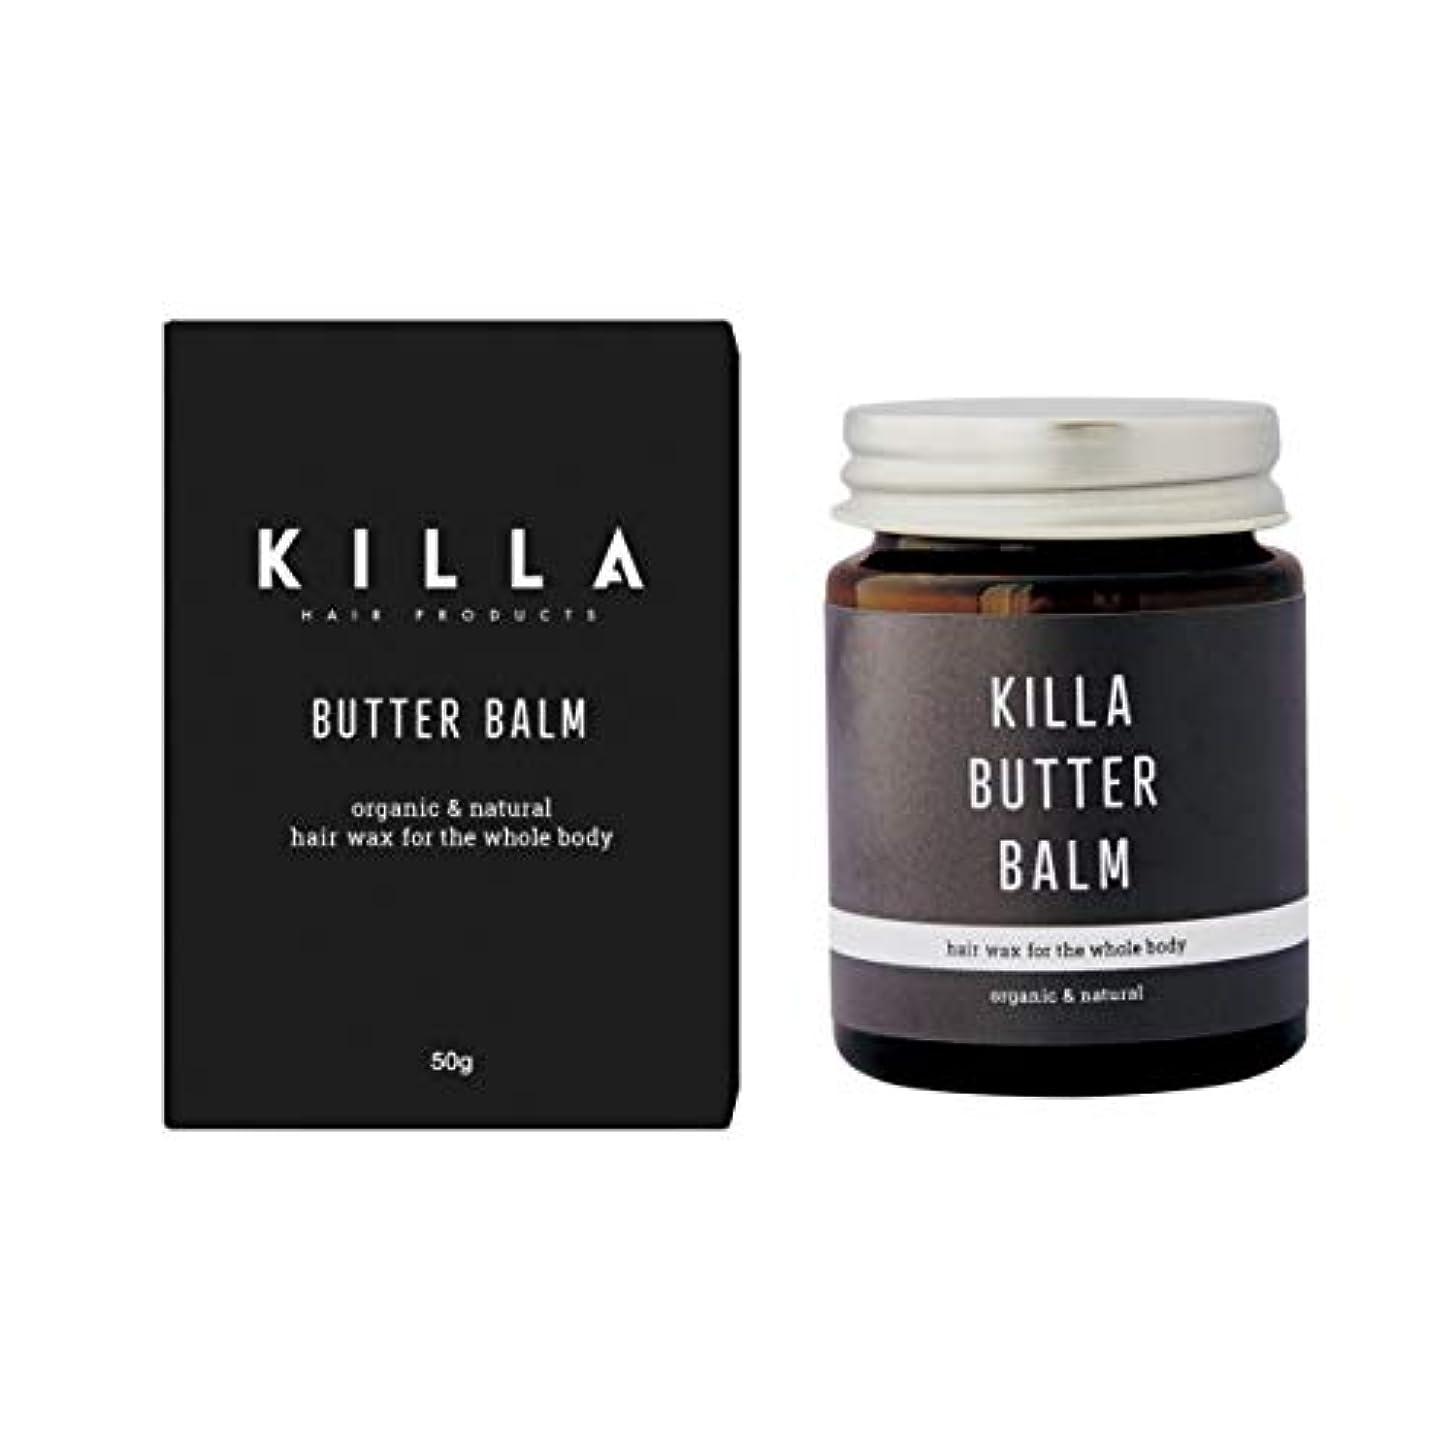 リブセンター追放キラバターバーム 50g シアバターワックス オーガニック リップクリーム&ハンドクリームとしても使用可 柑橘系シトラスの香り KILLA PRODUCT